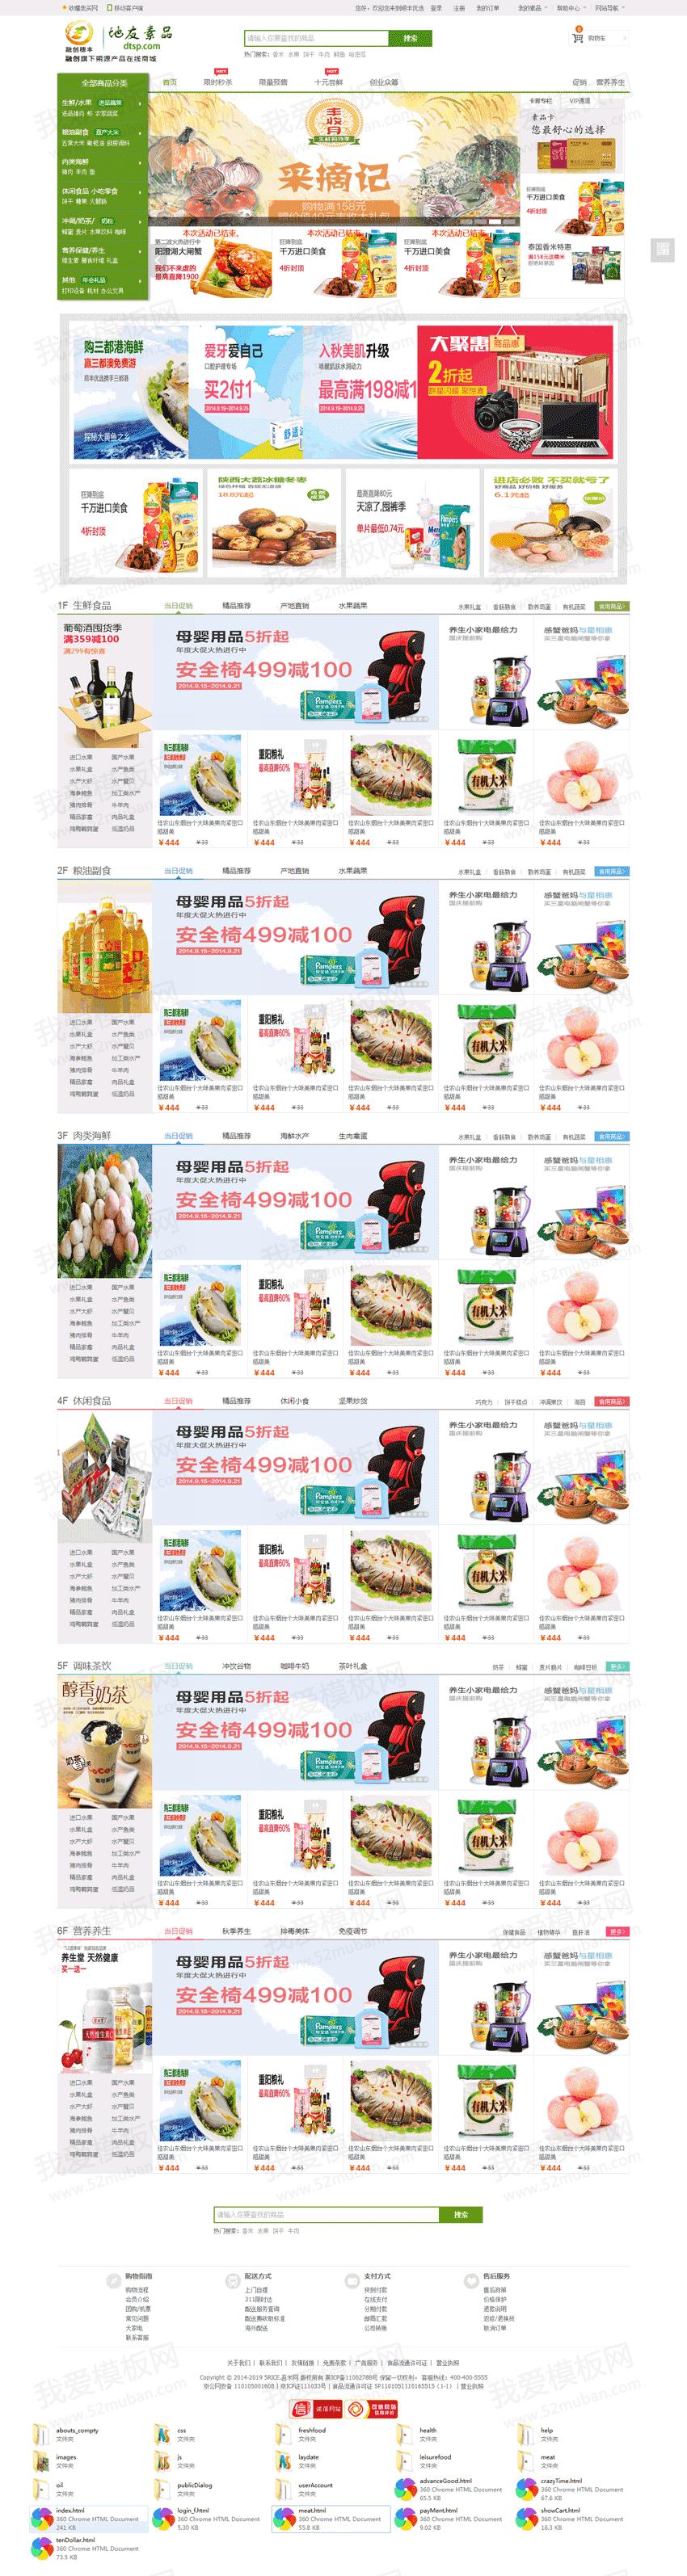 在线食品商城购物网站html源码下载